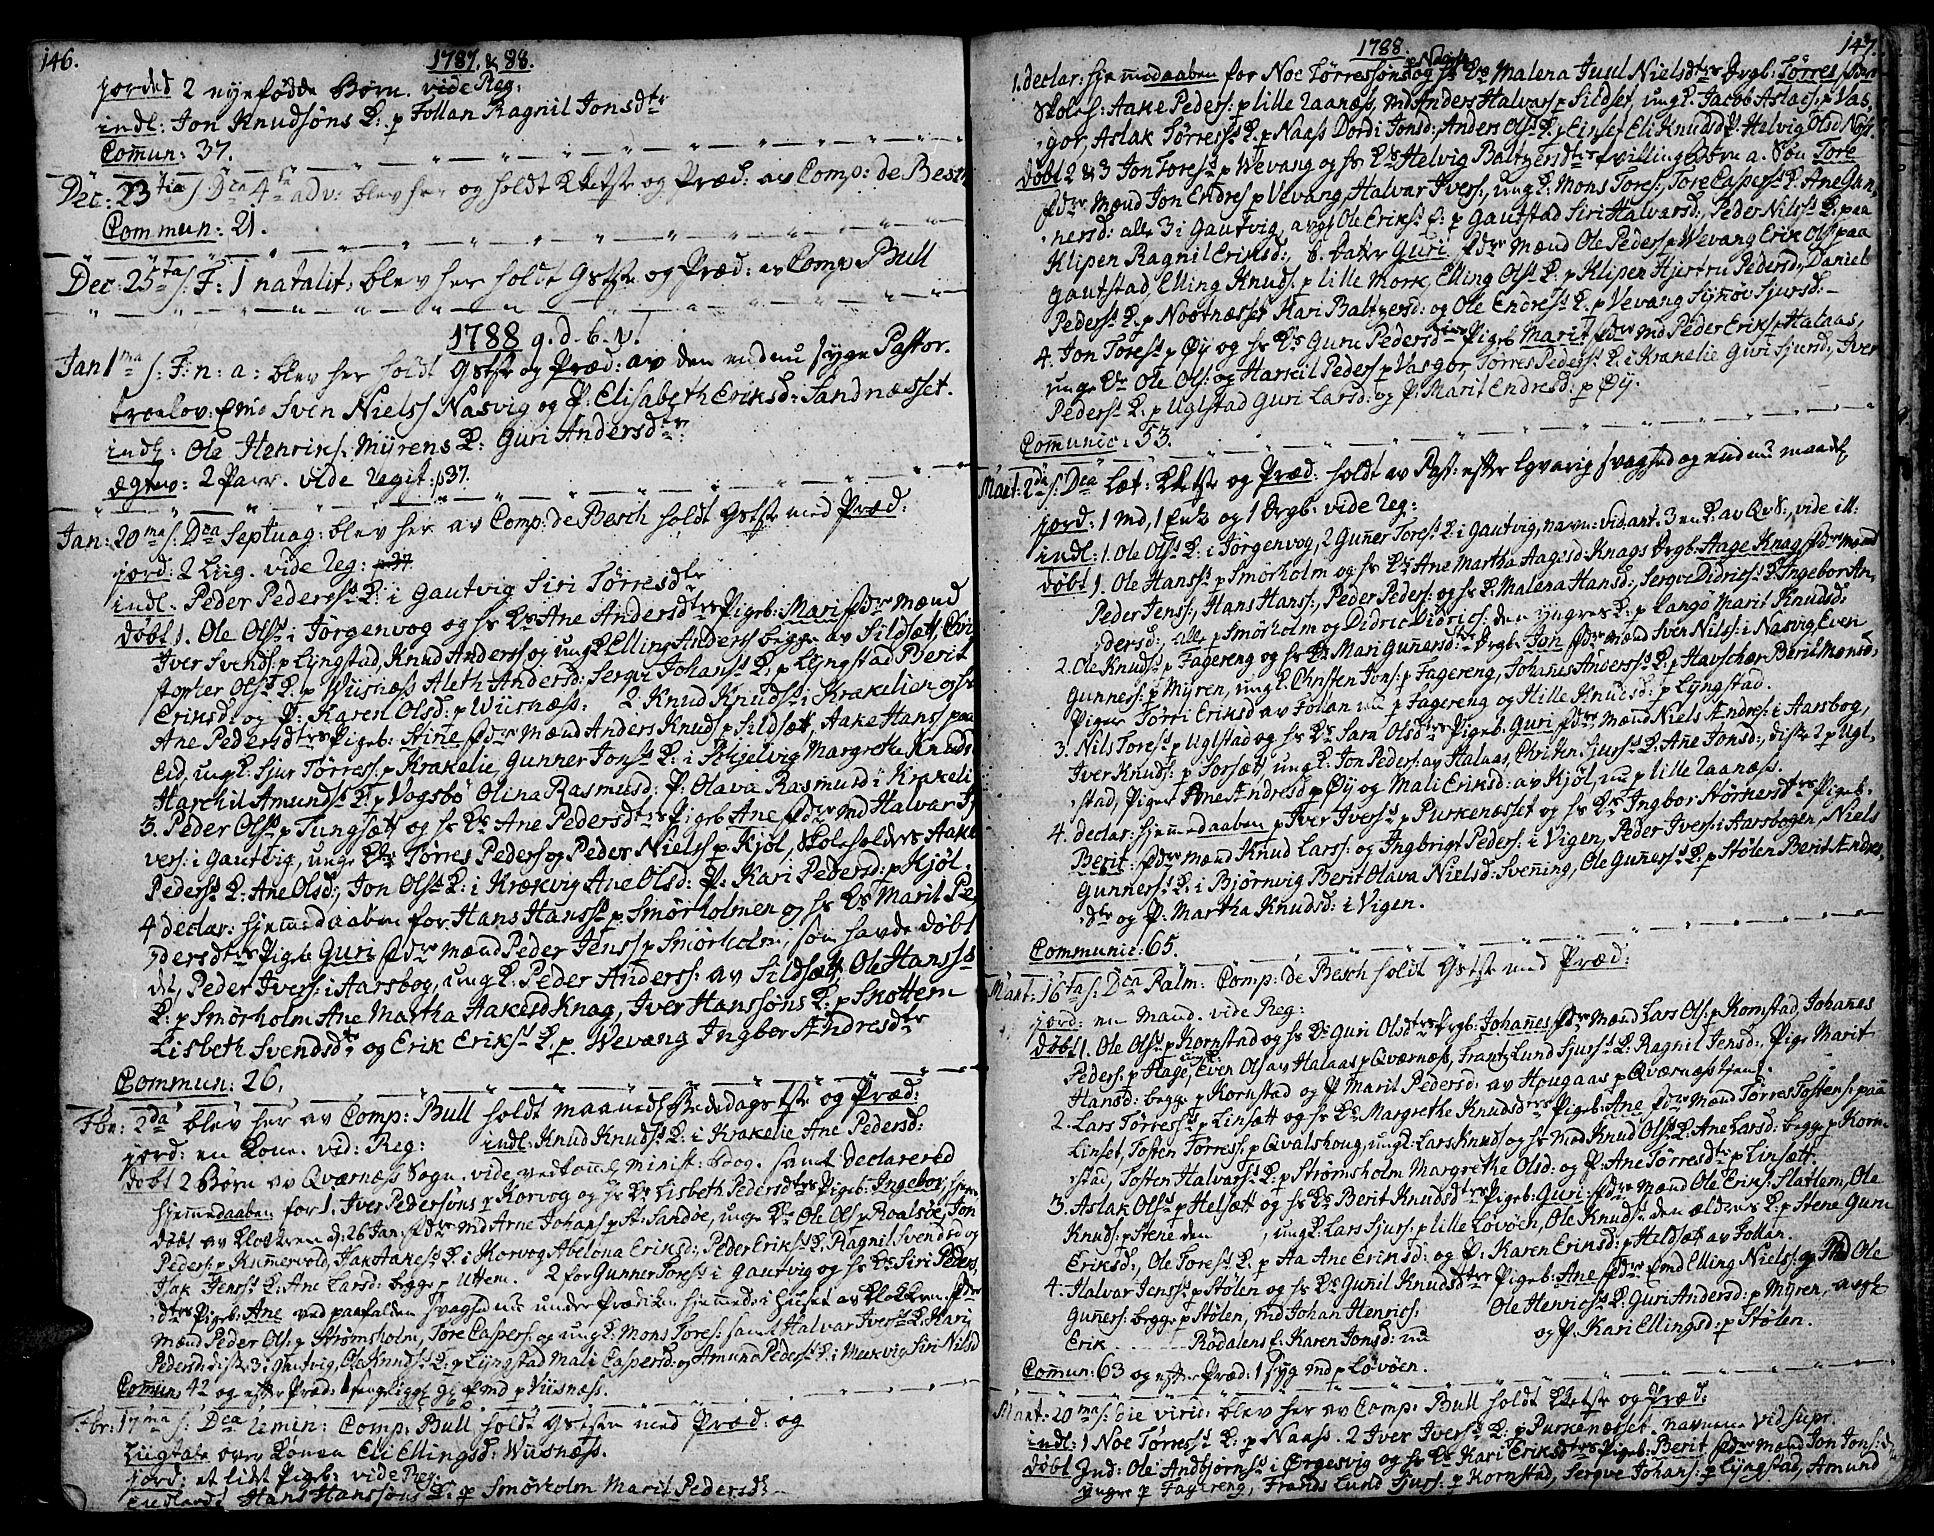 SAT, Ministerialprotokoller, klokkerbøker og fødselsregistre - Møre og Romsdal, 570/L0829: Ministerialbok nr. 570A03, 1769-1788, s. 146-147